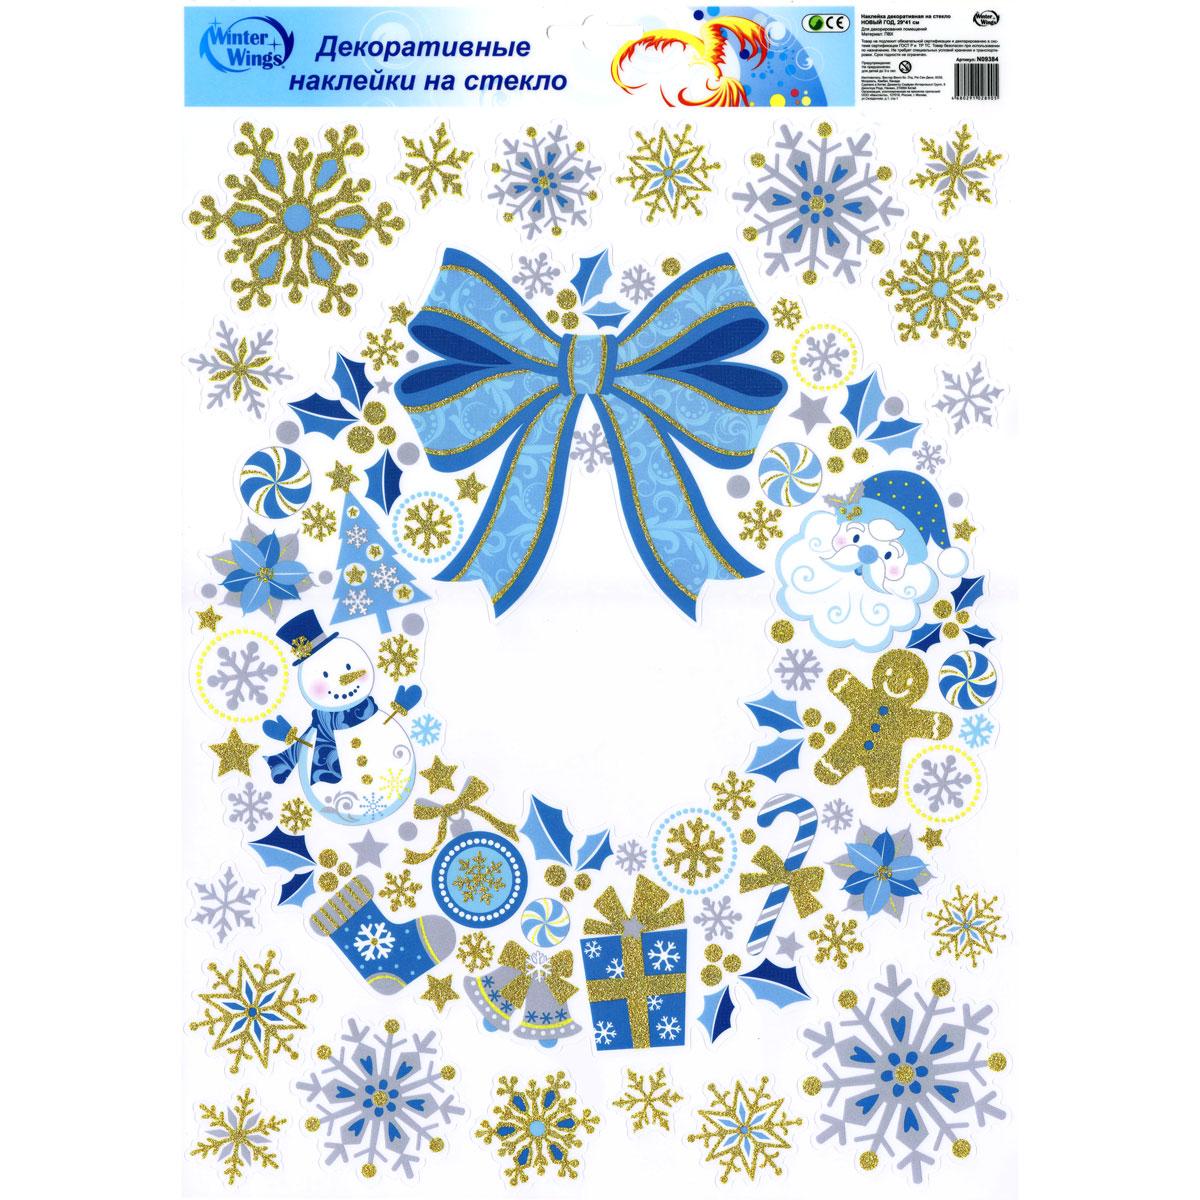 Украшение новогоднее оконное Winter Wings Новый год, 29 х 41 см. N09384N09384Наклейки на стекло Winter Wings - креативный и недорогой способ украсить интерьер дома к Новому году. Декор наполнит комнату радостным и веселым настроением и создаст волшебную атмосферу праздника.